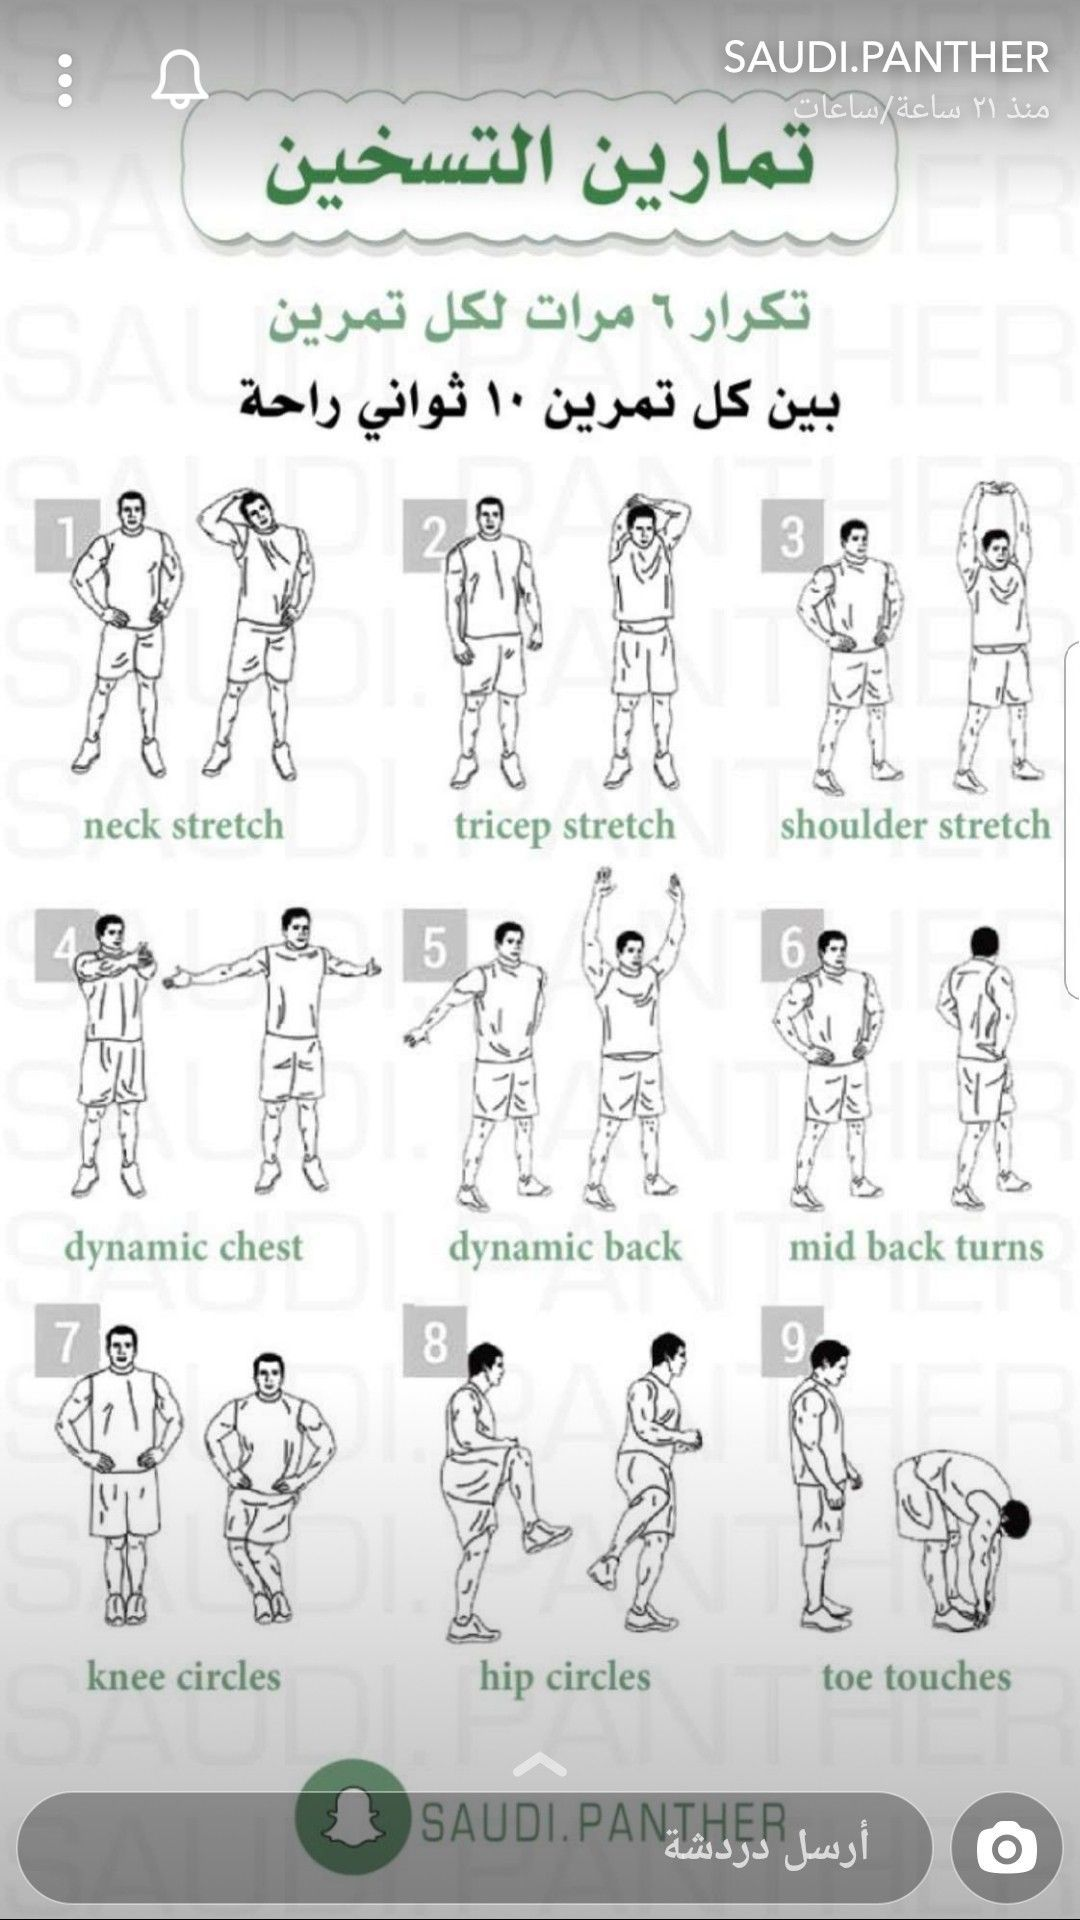 تمارين رياضية قبل النوم لحرق دهون البطن Workout Exercise Squats